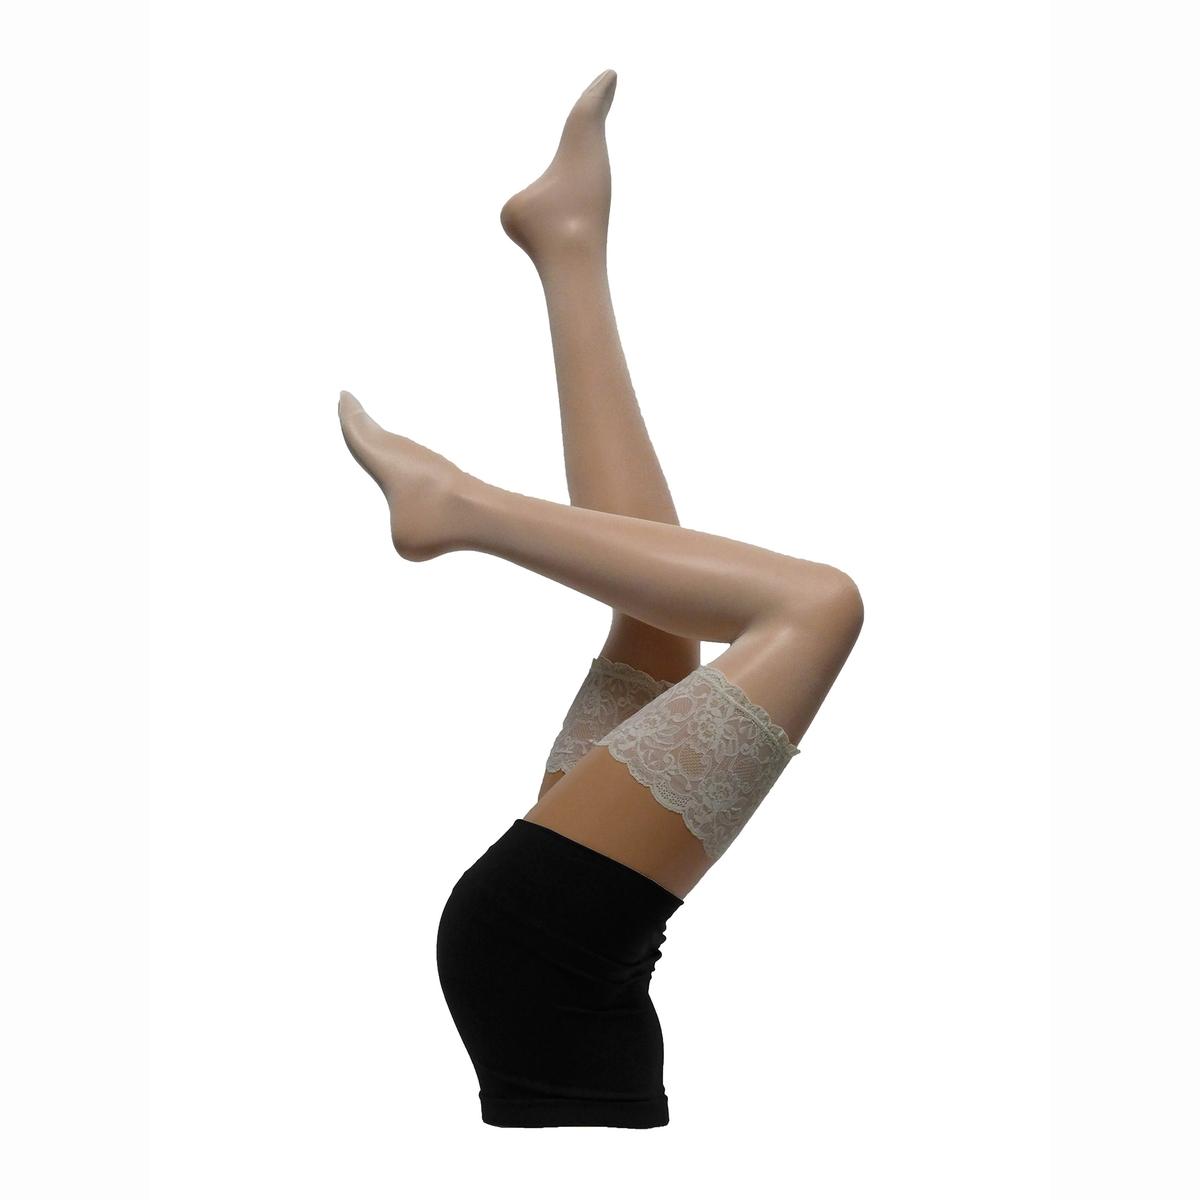 Чулки с отворотом из кружеваЧулки PARIS тонкие и блестящие, LYCRA, на подкладке из кружева, усиленные прозрачные носки, широкий отворот из кружева . 90% полиамида, 10% эластана.<br><br>Цвет: черный,экрю<br>Размер: XL.XXL.3XL.M